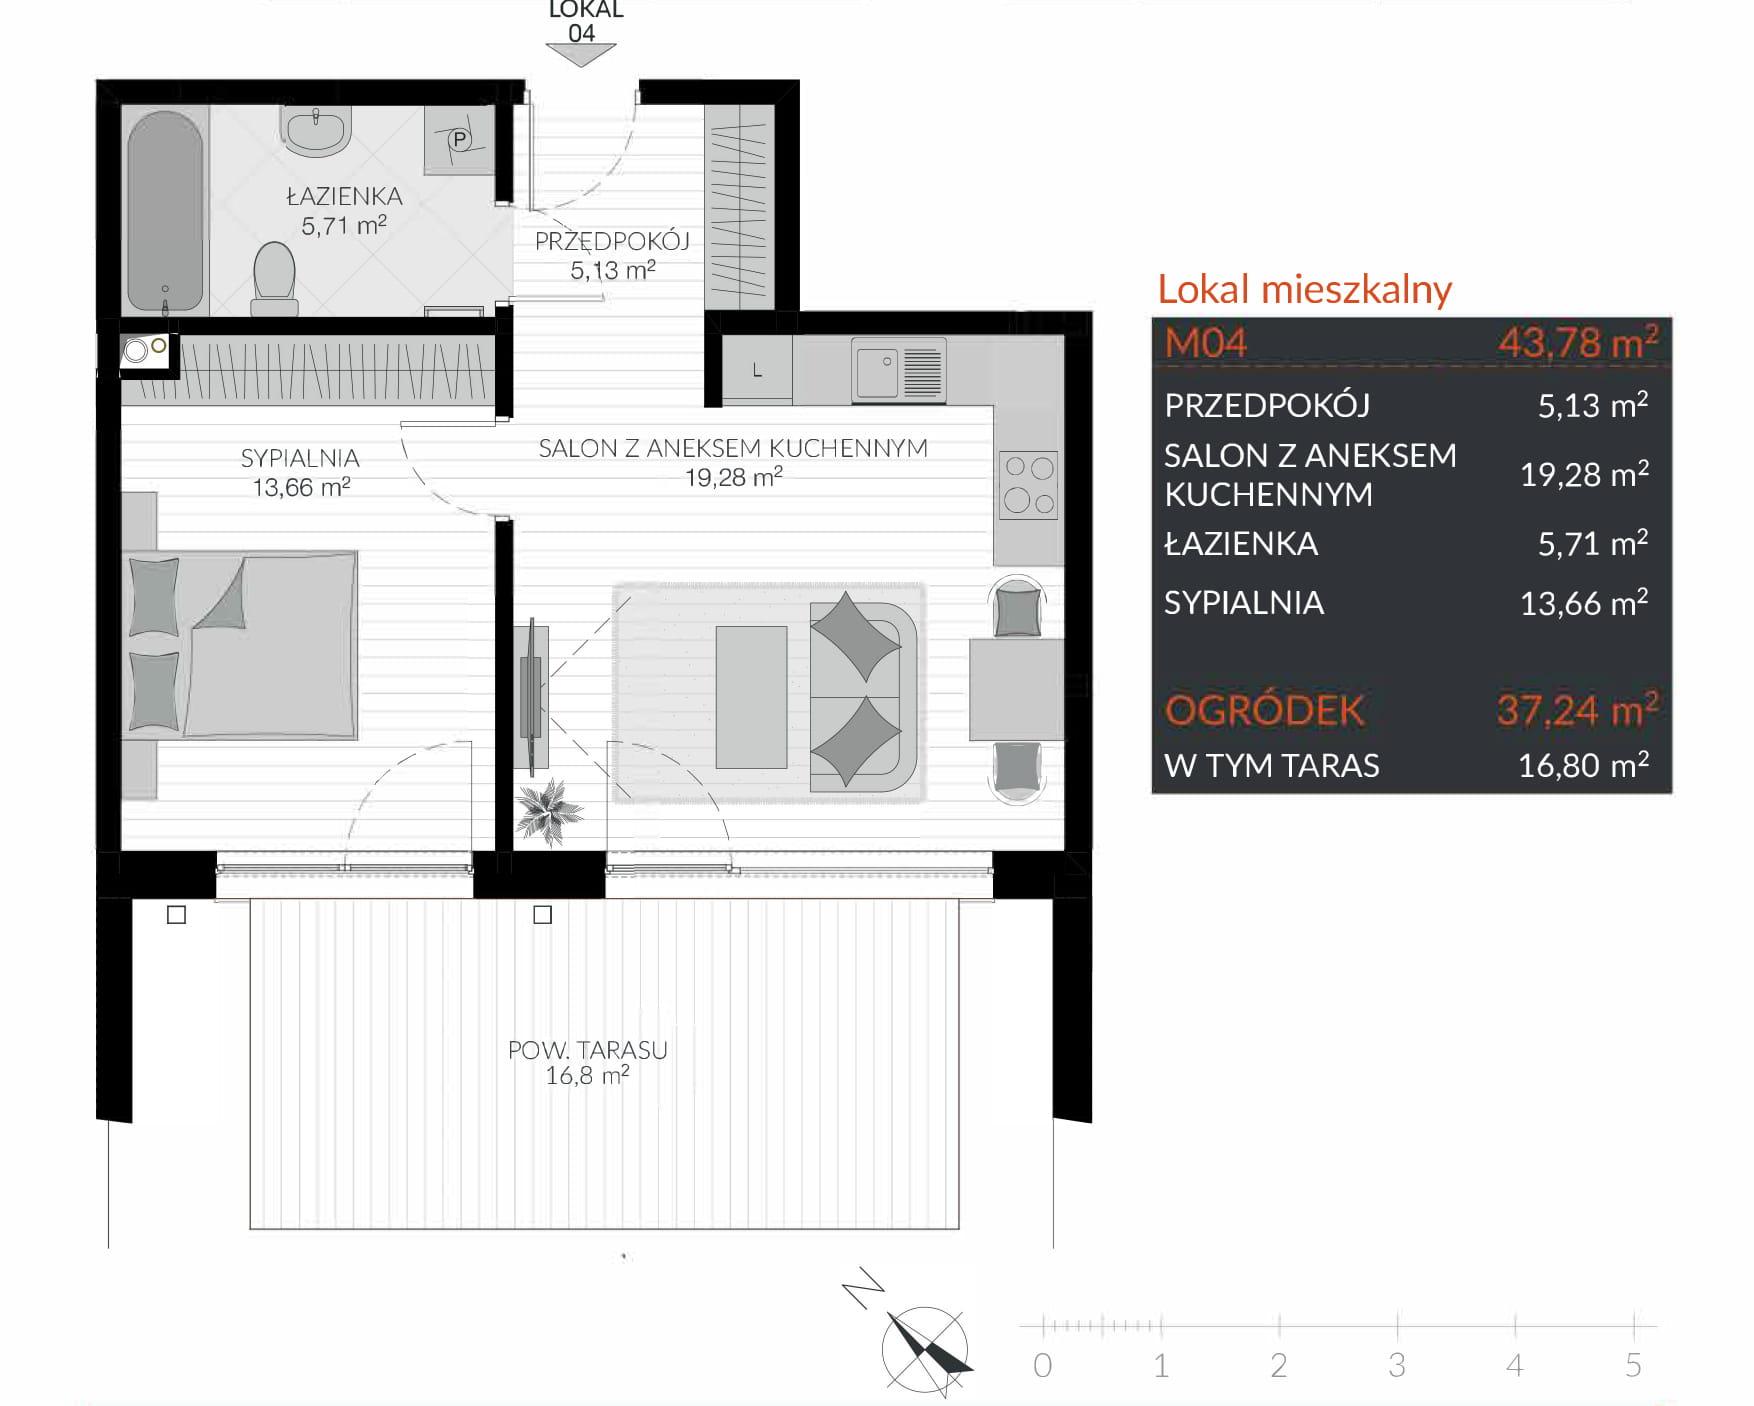 Apartamenty Kamienna / apartamenty inwestycyjne M04 rzut 1